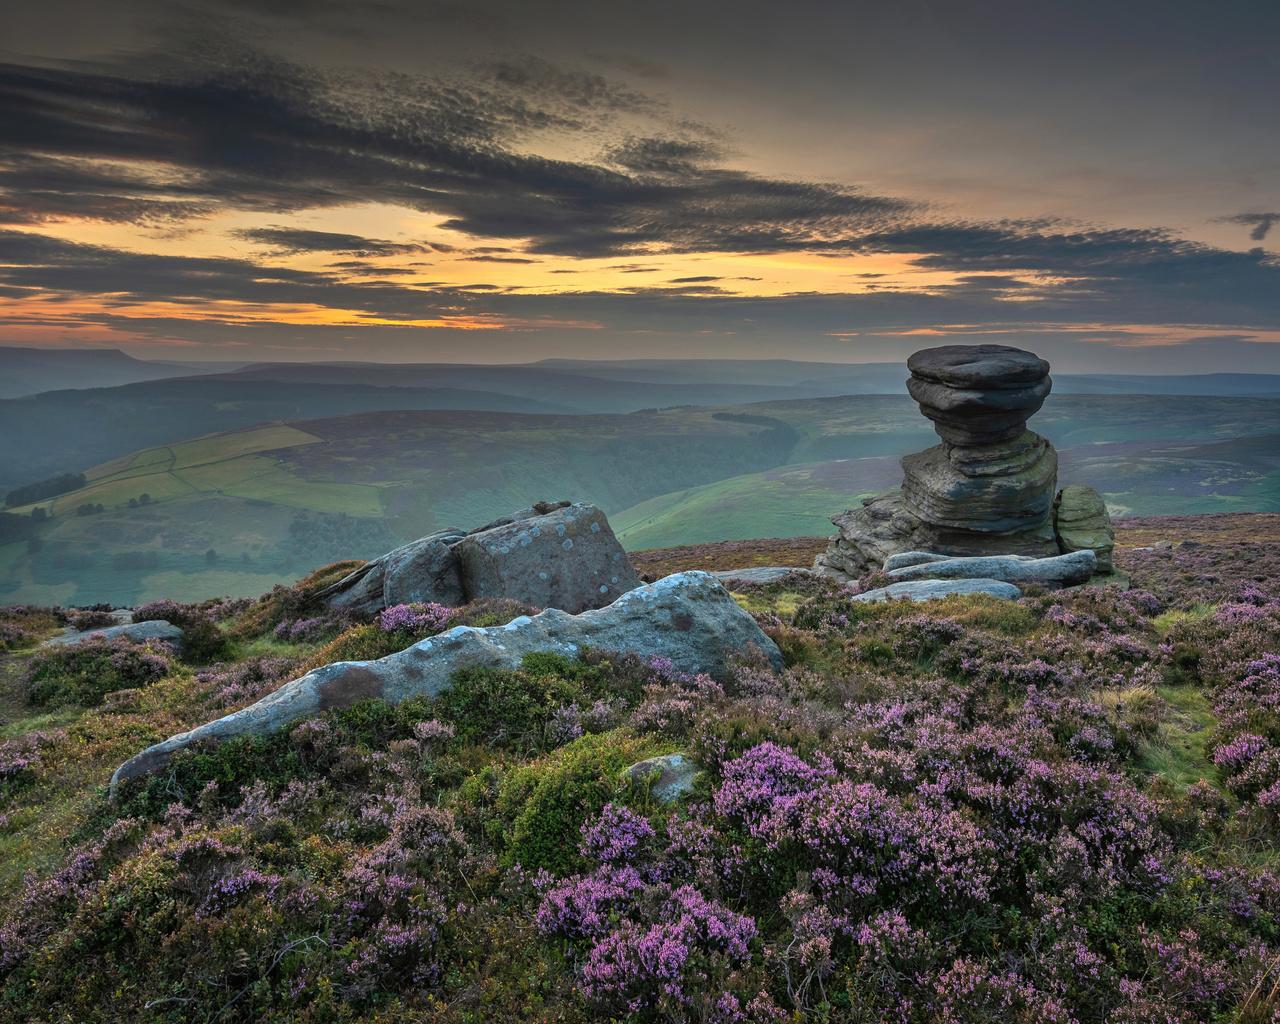 англия, камни, вечер, peak, district, холмы, облака, природа